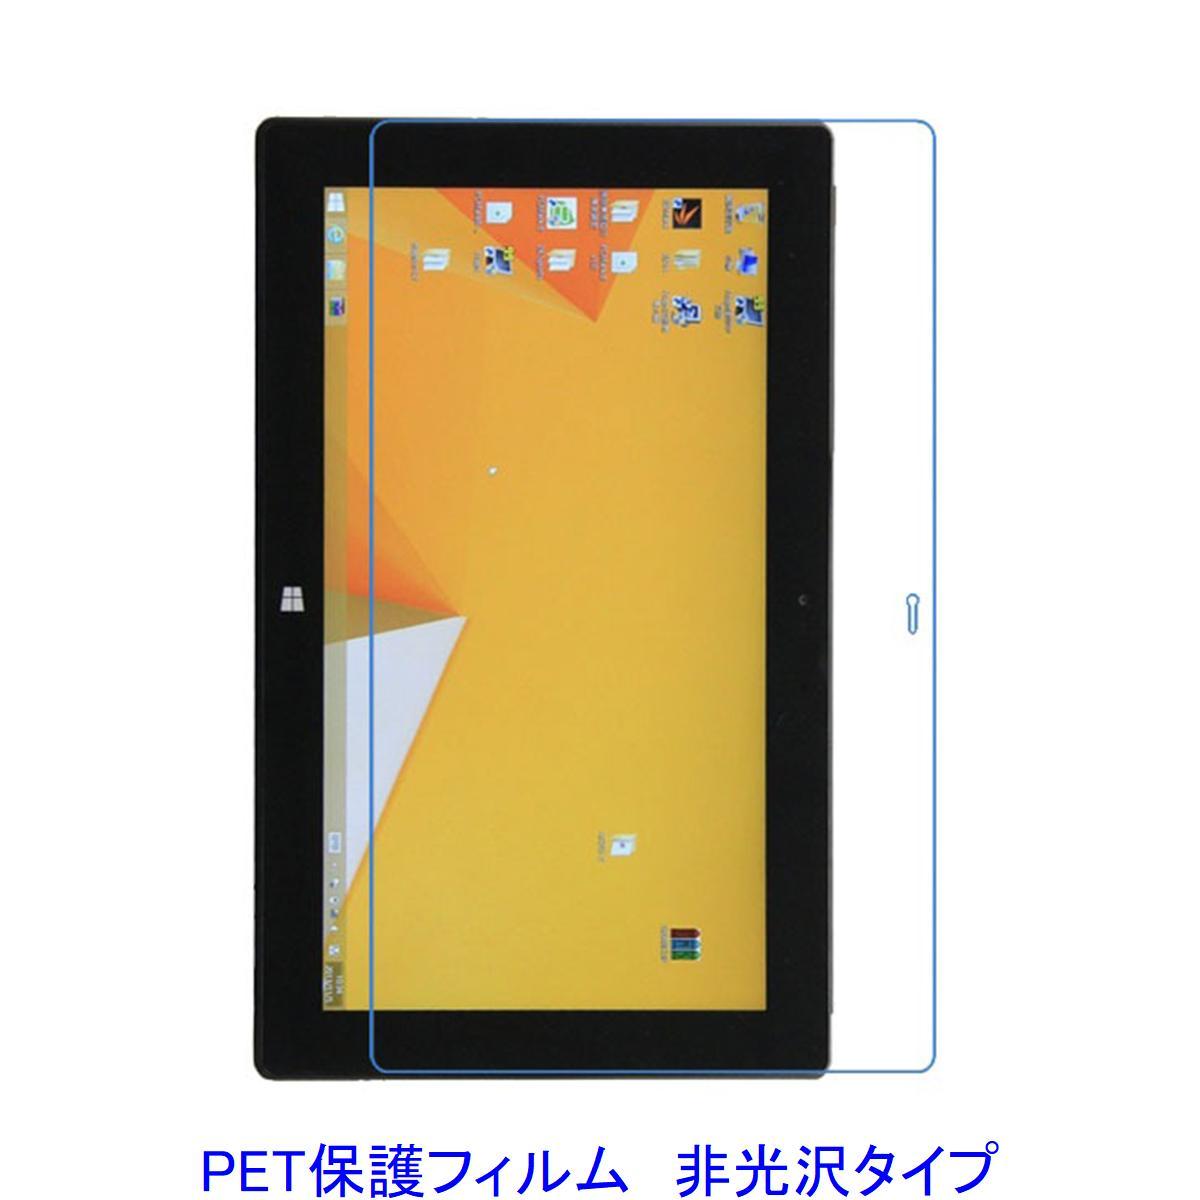 メール便送料無料 期間限定 Surface Pro2 Pro 液晶保護フィルム 百貨店 10.6インチ 非光沢 指紋防止